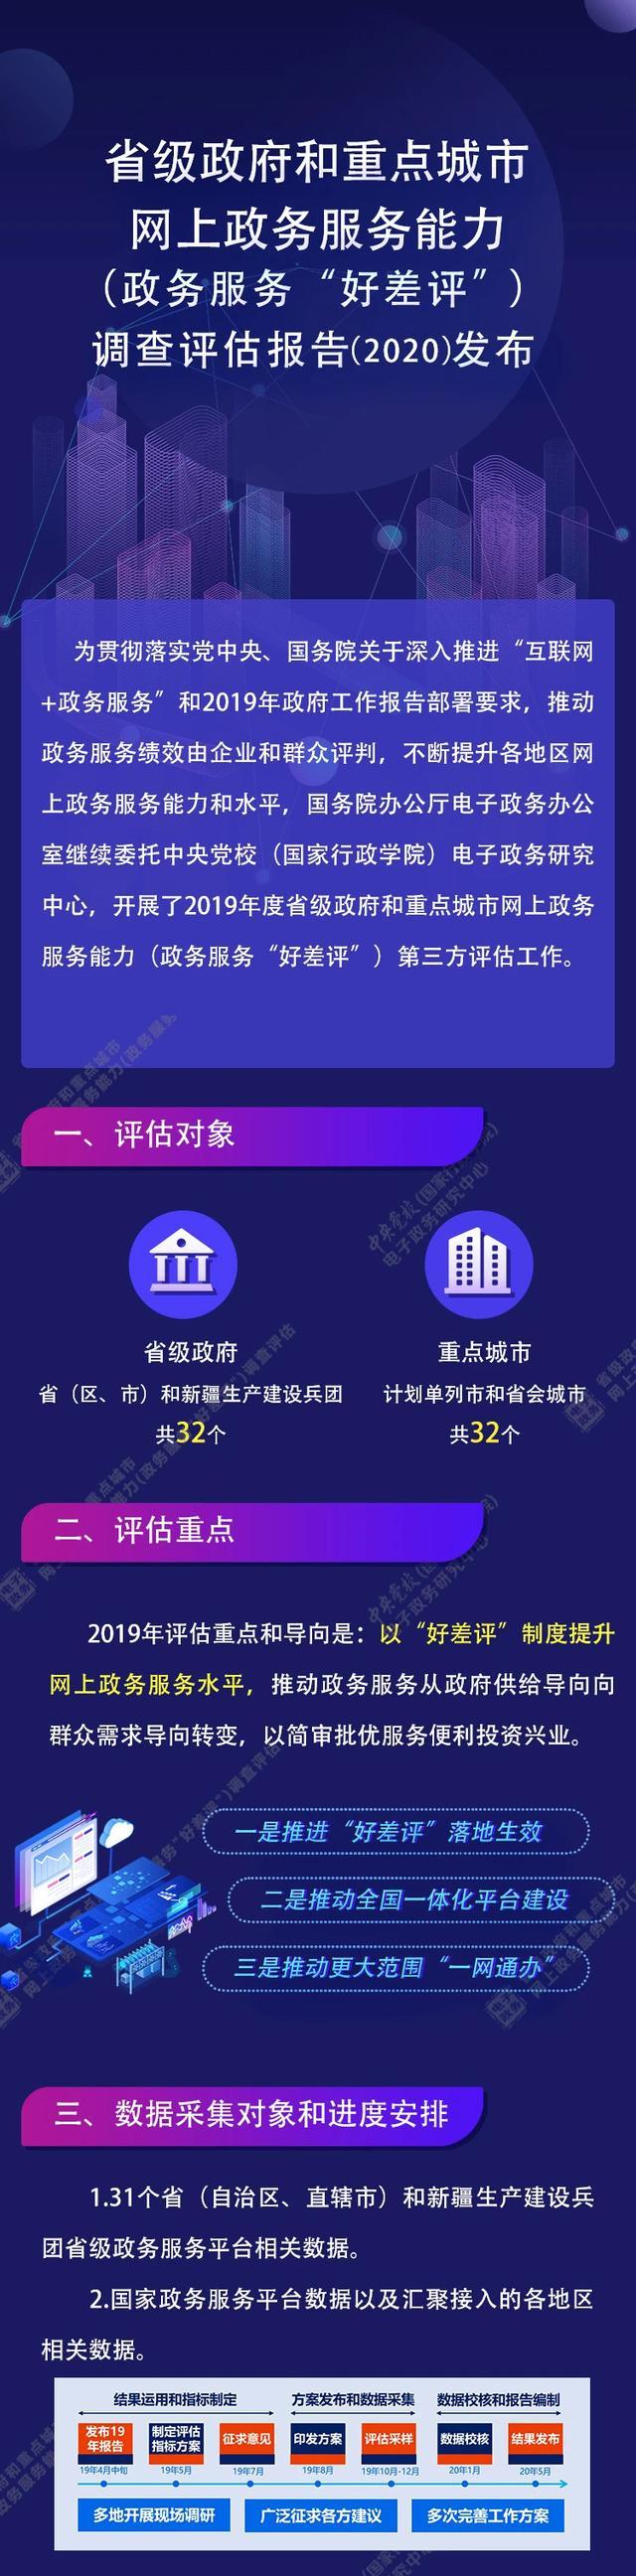 「摩鑫开户」一体化政务服务位列摩鑫开户图片